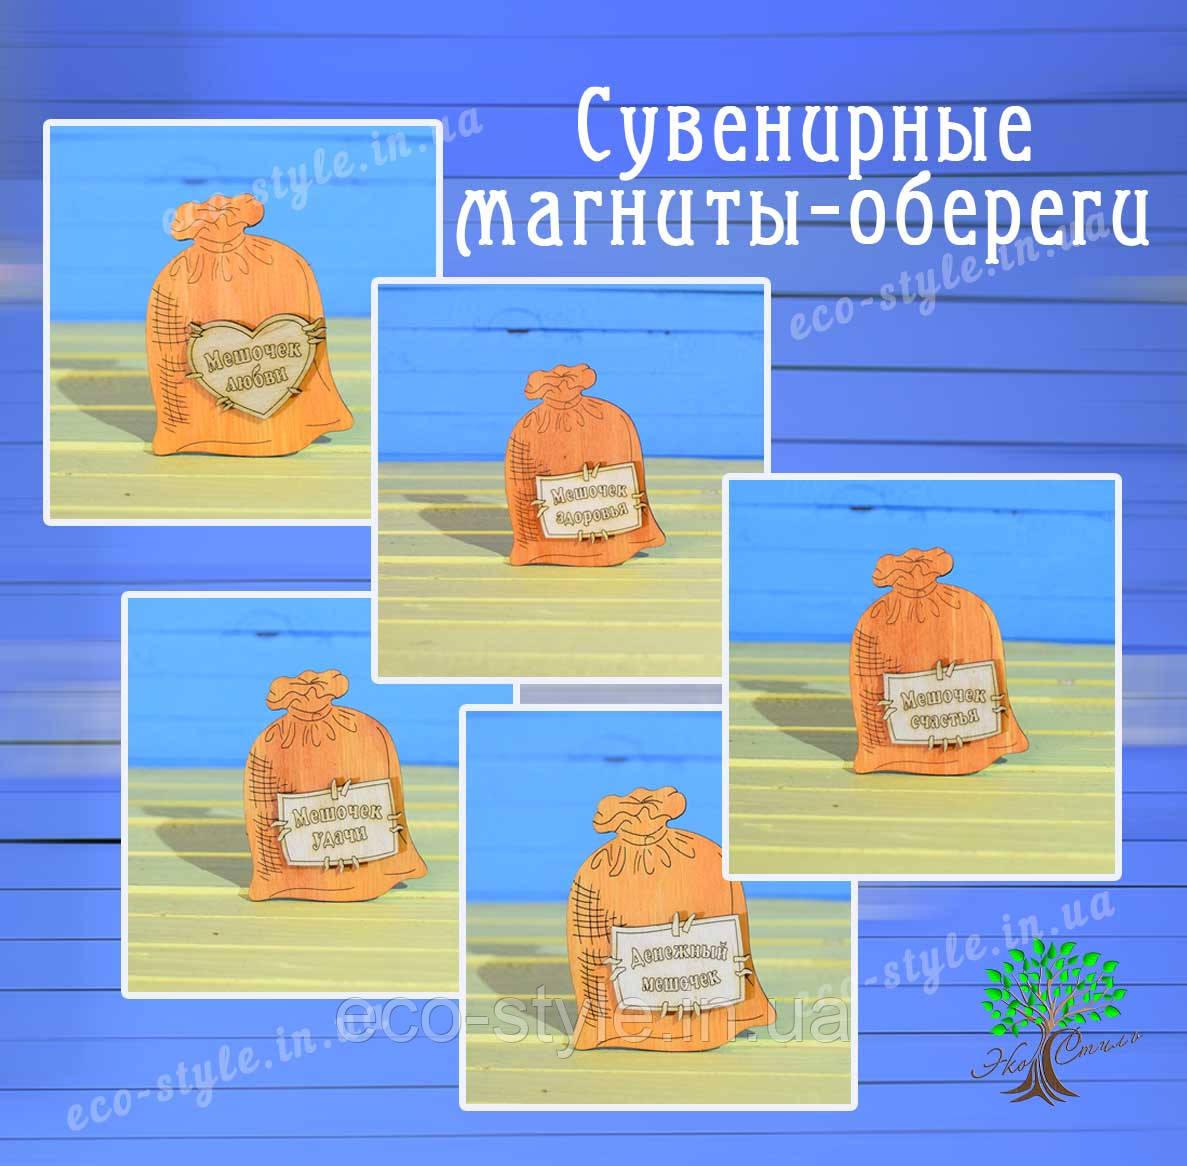 Магниты-обереги, деревянные магниты